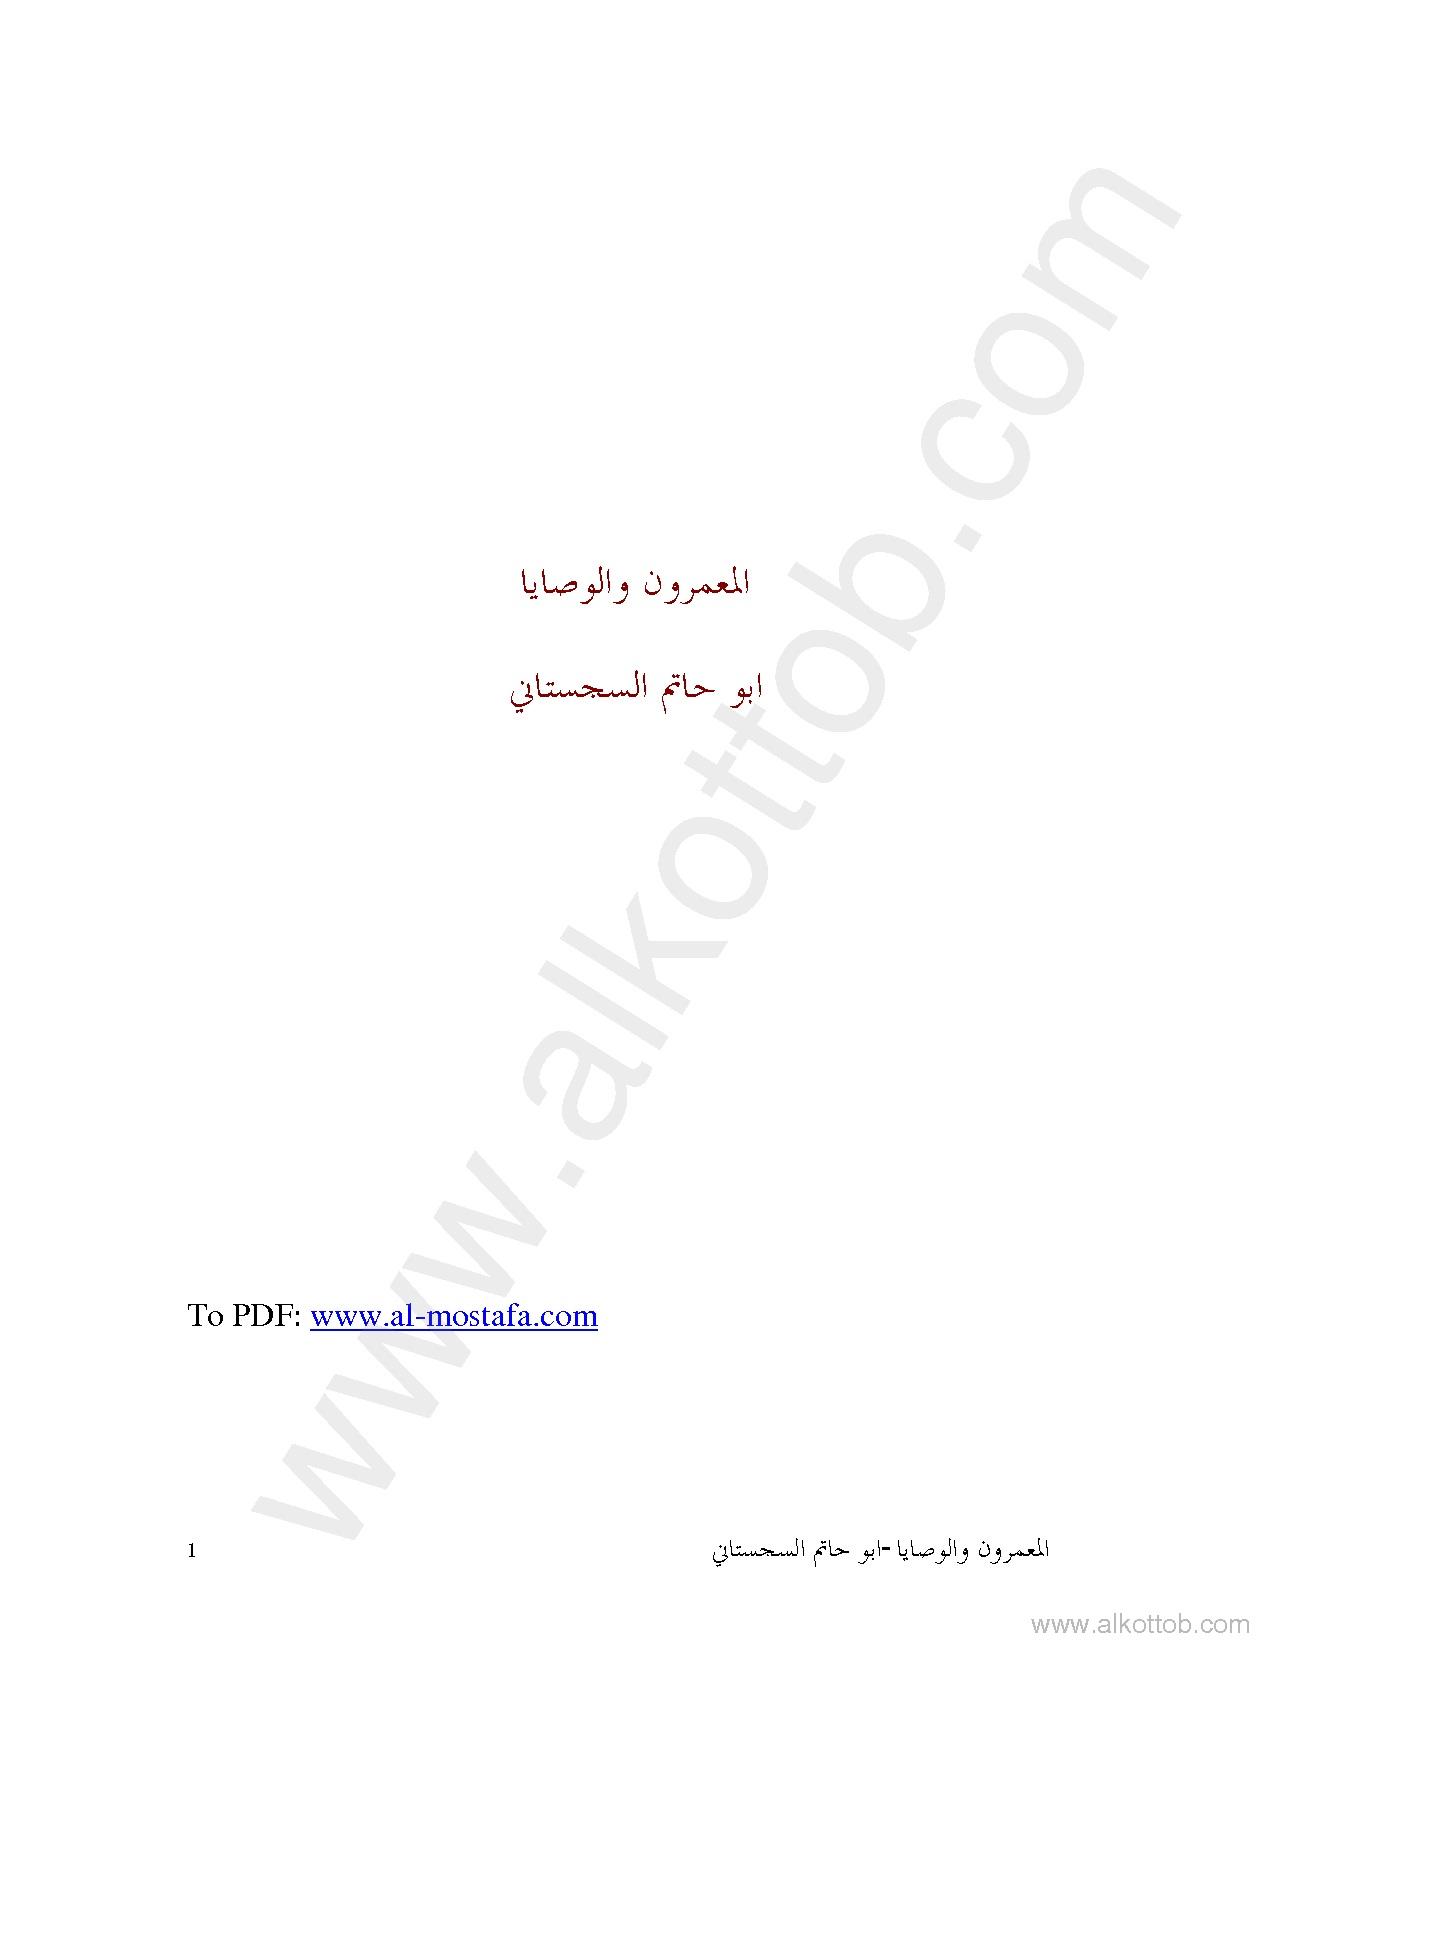 تحميل كتاب المعمرون والوصايا pdf